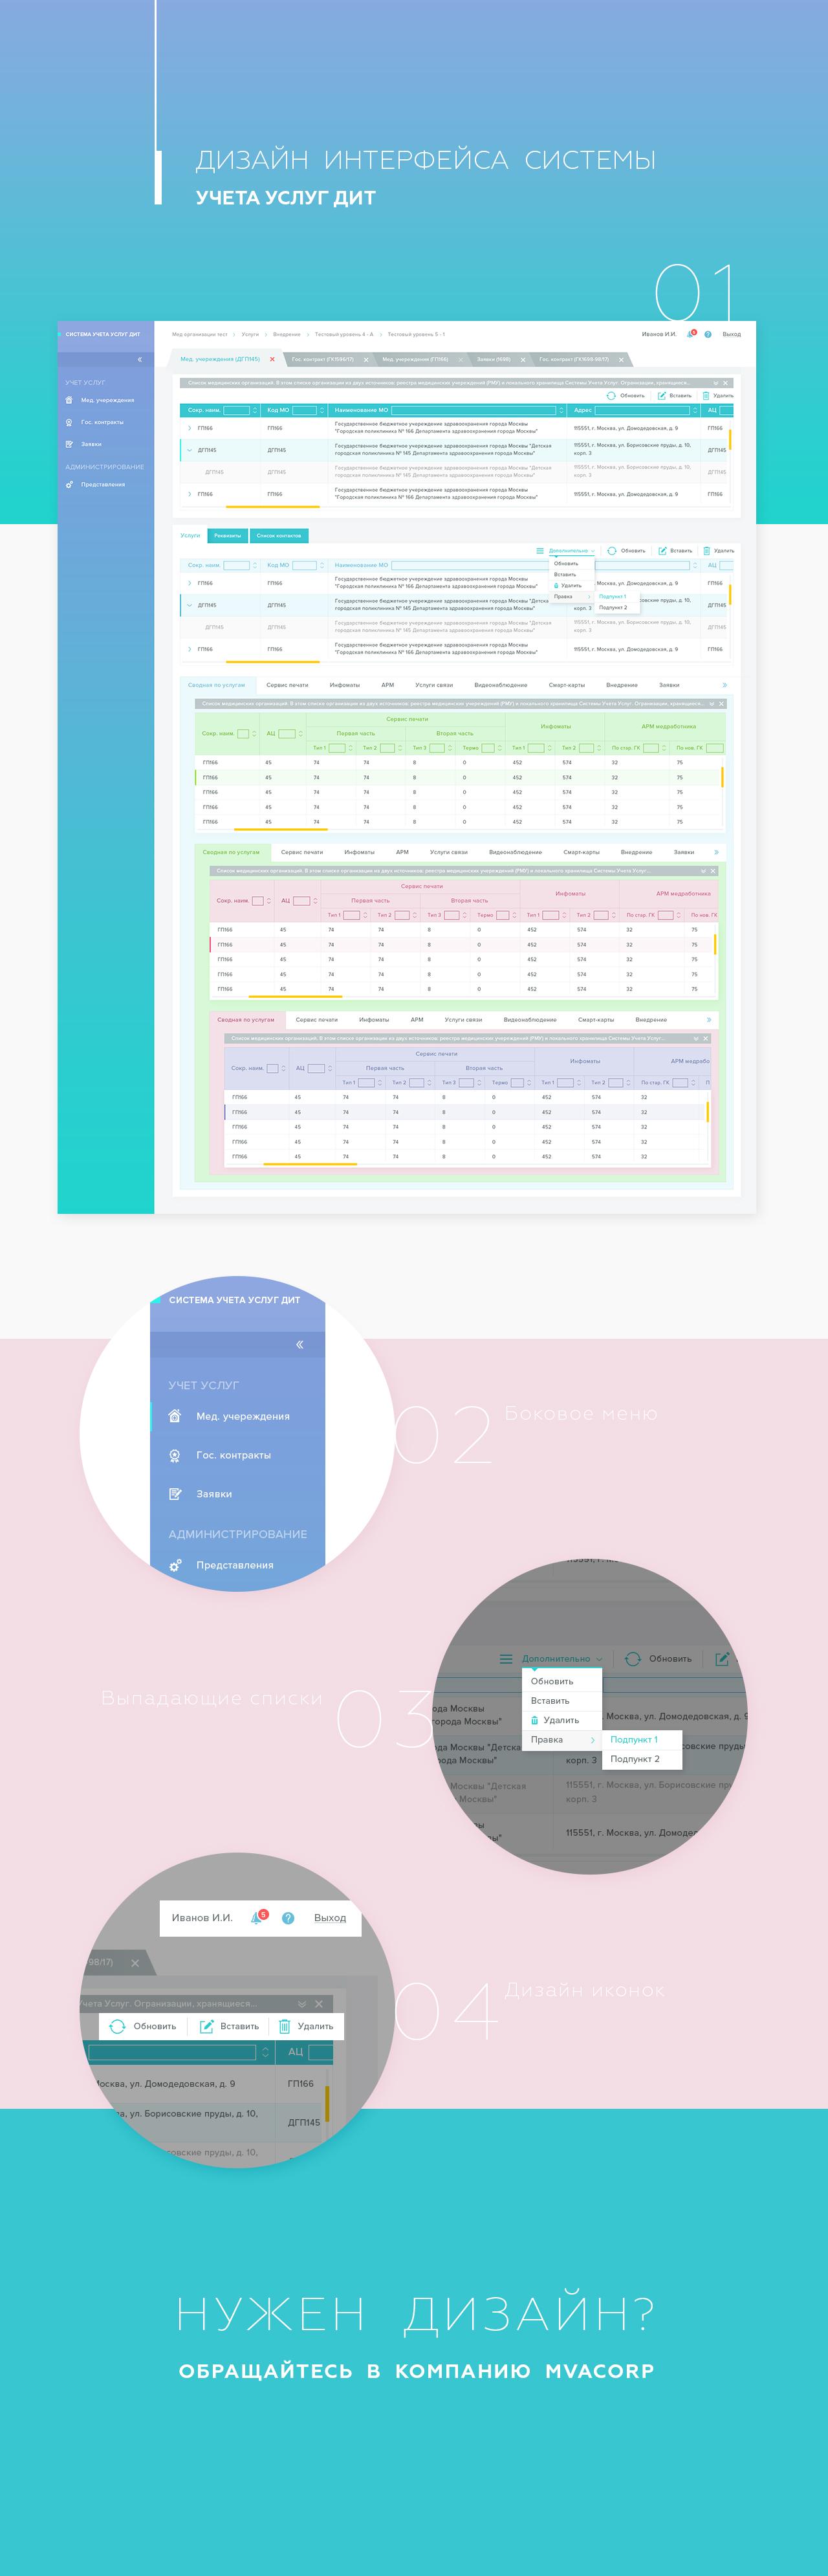 Дизайн интерфейса десктопной программы учета